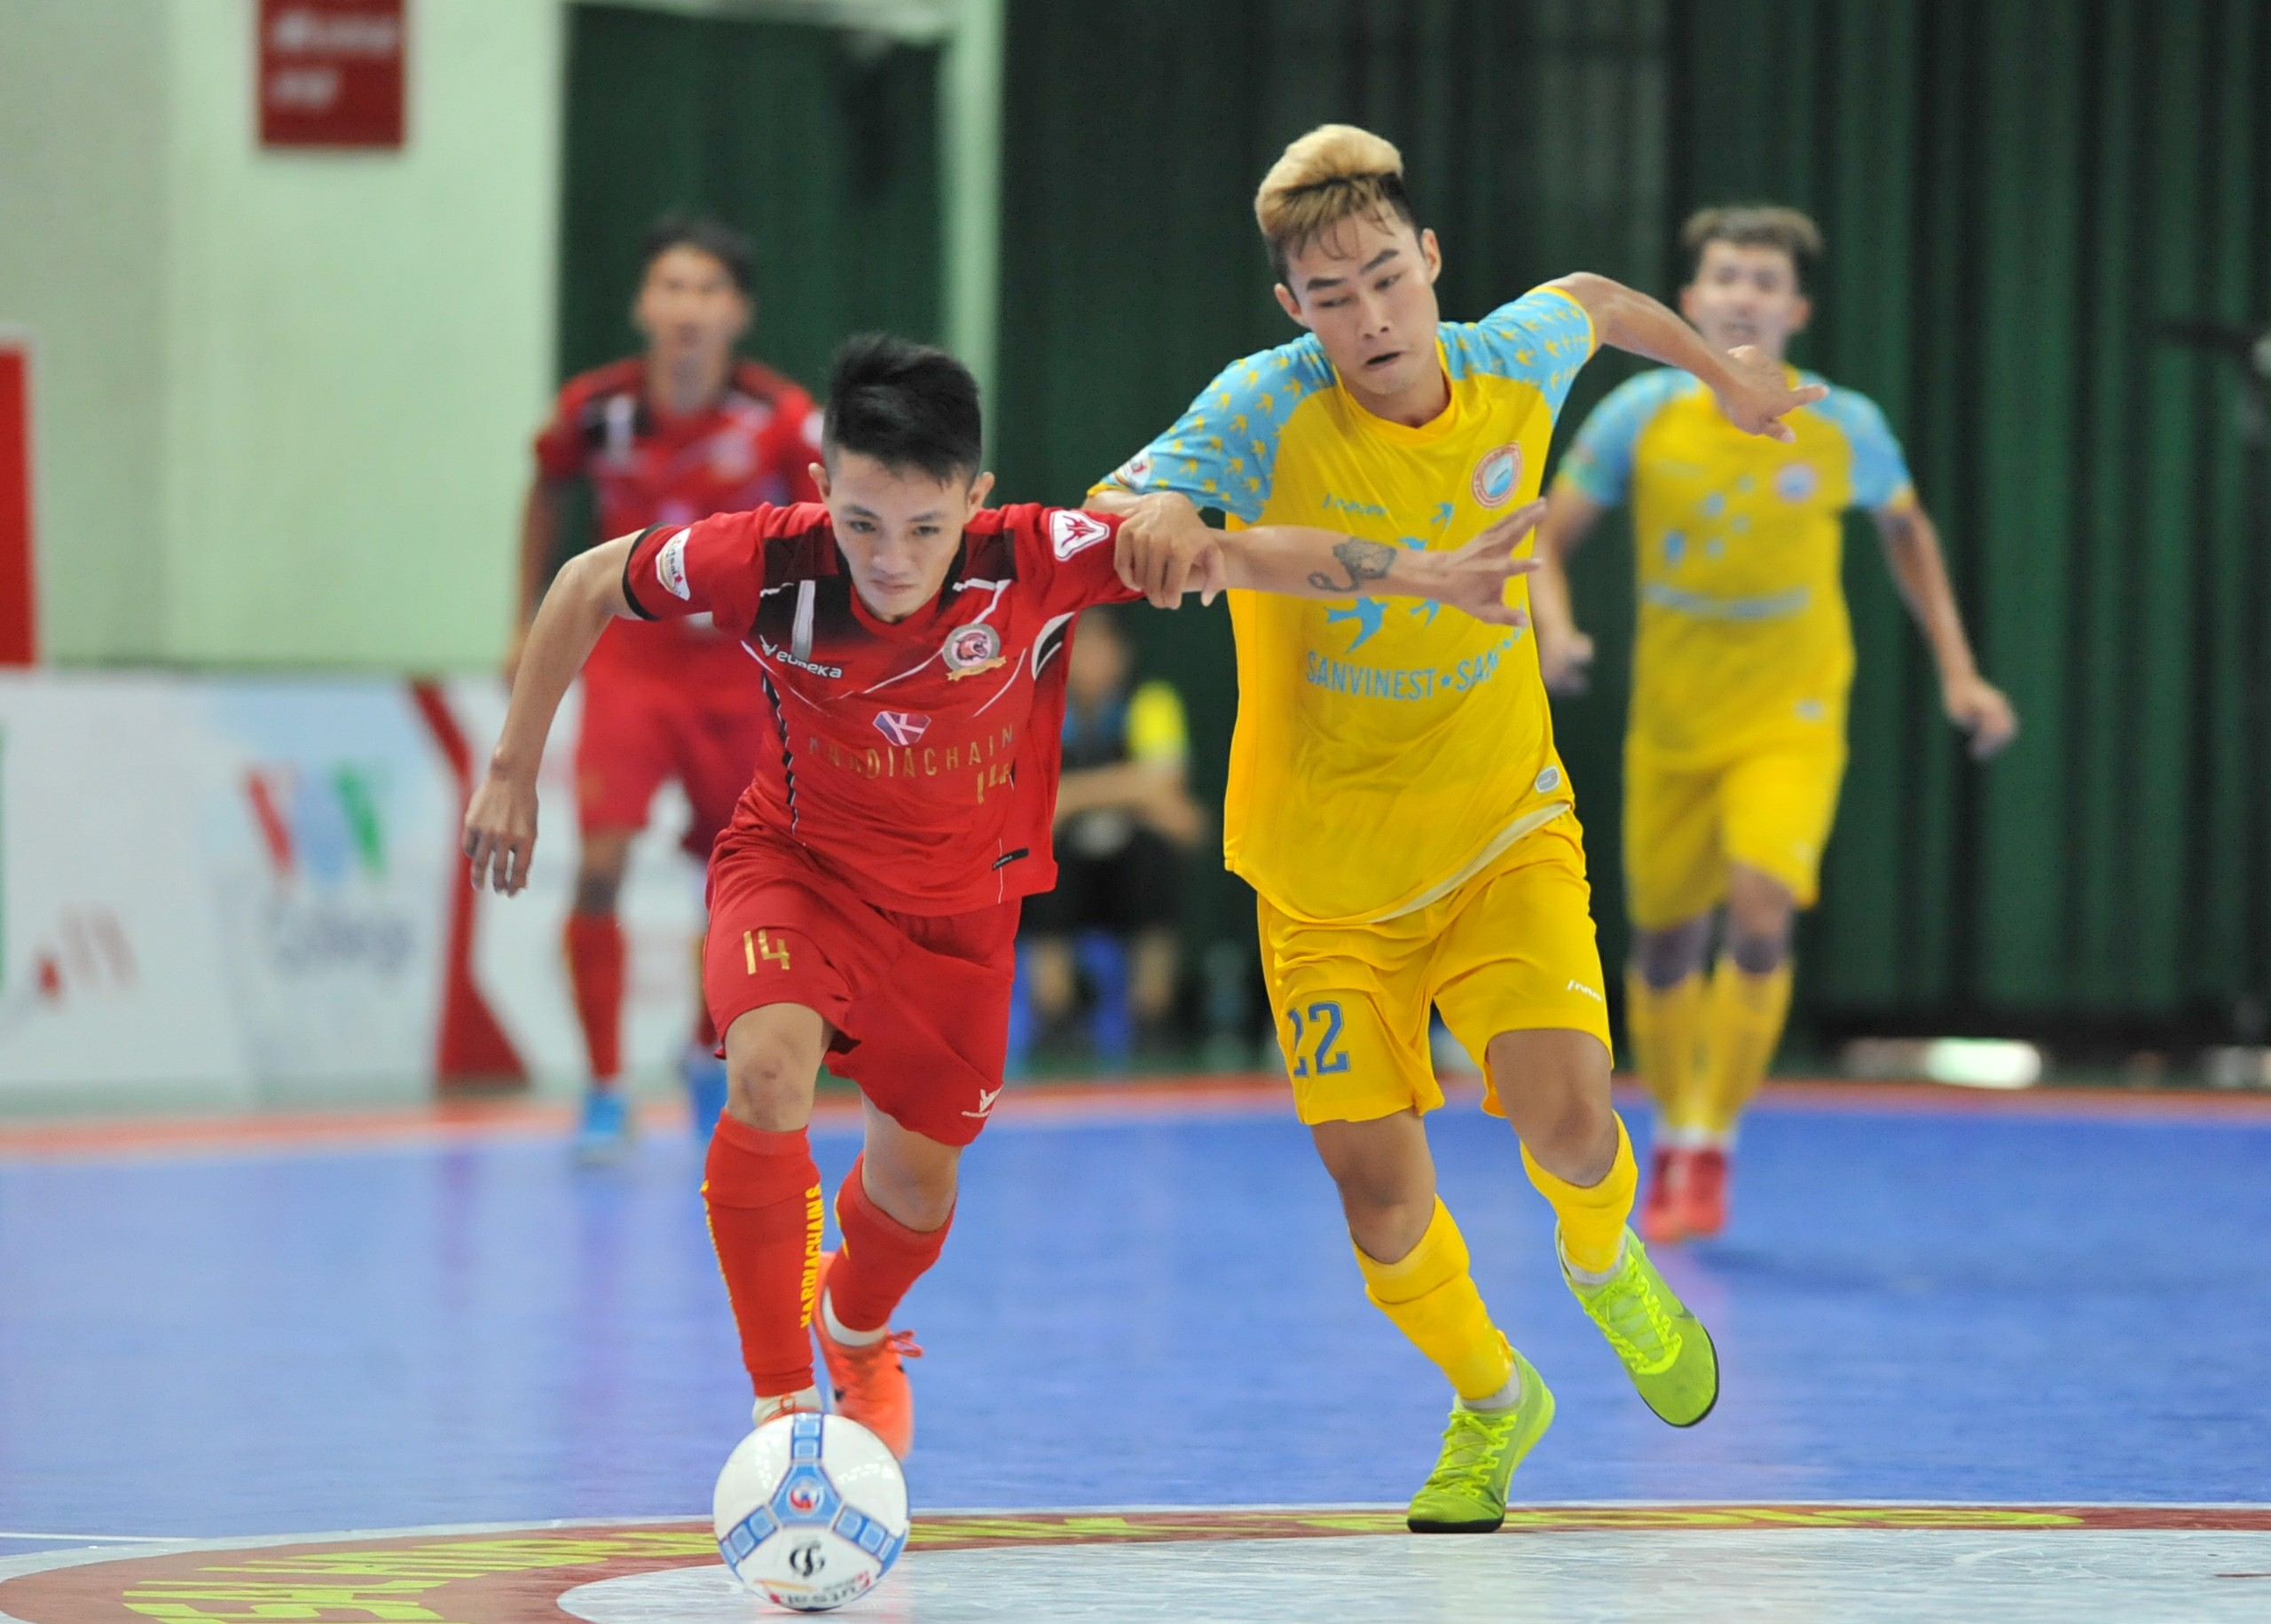 Lượt 18 giải Futsal HDBank VĐQG 2019 (ngày 18/9): SS.Khánh Hòa hết hi vọng cạnh tranh ngôi nhì bảng